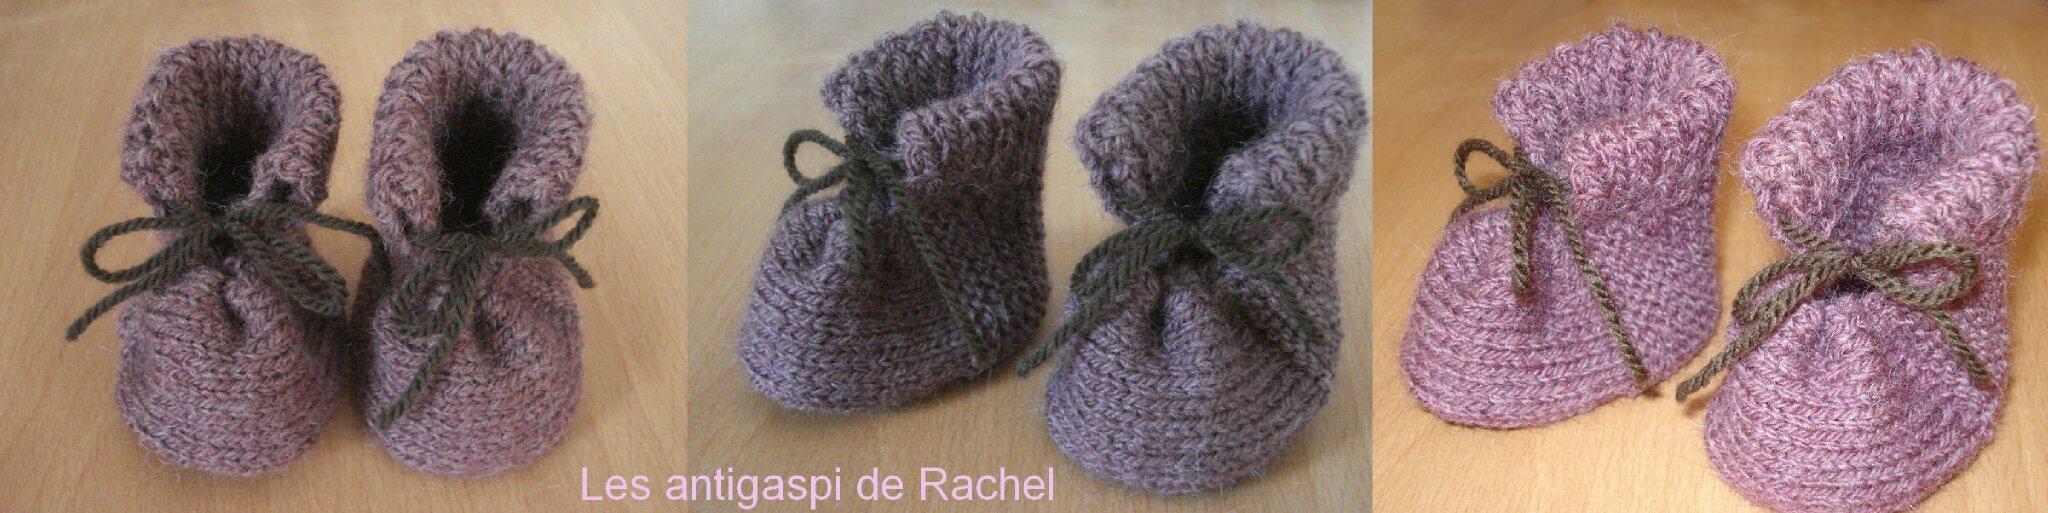 apprendre a tricoter des chaussettes